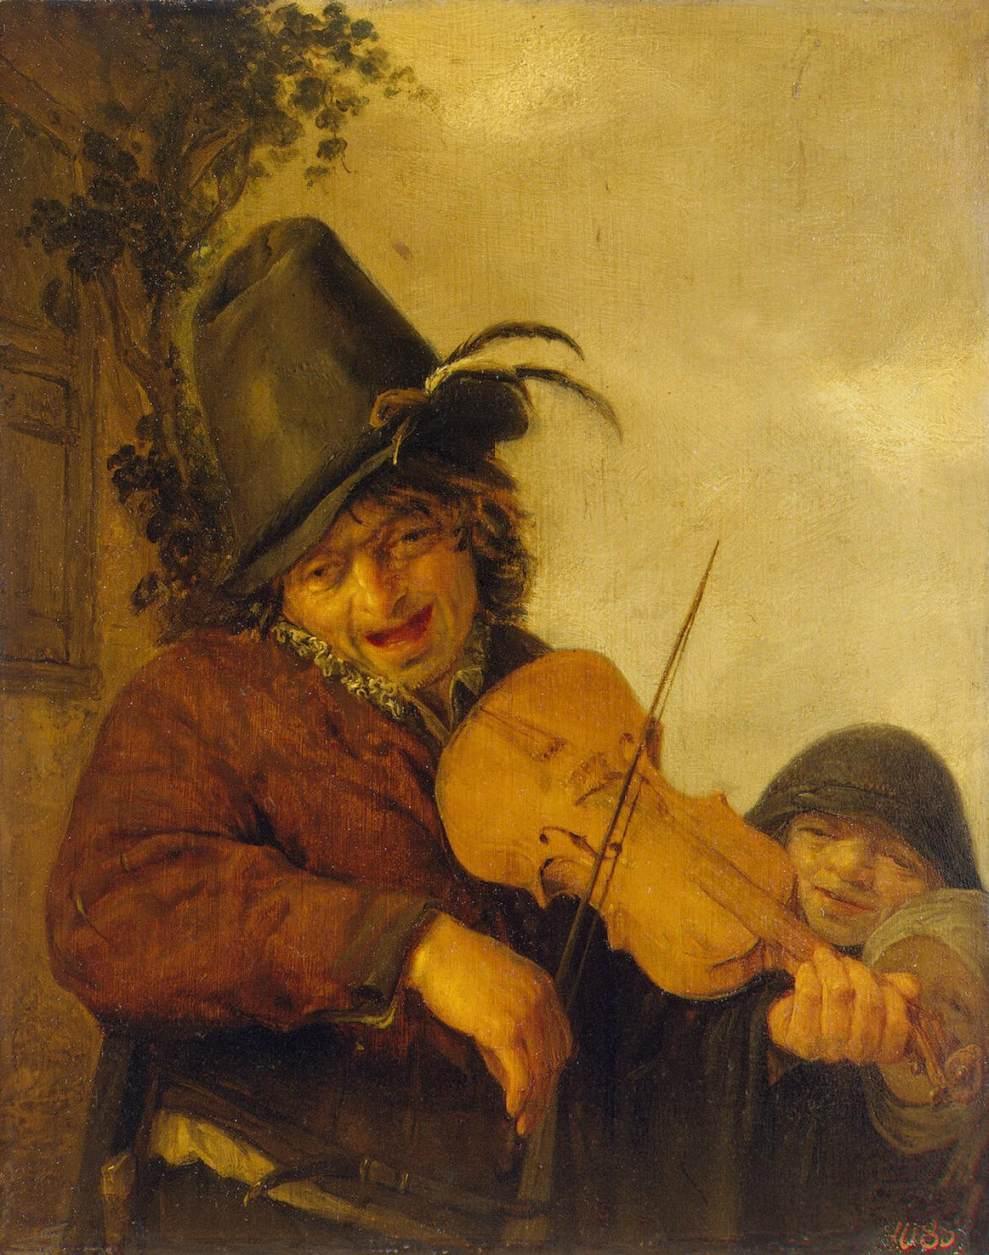 Wandering Musician - Adriaen van Ostade